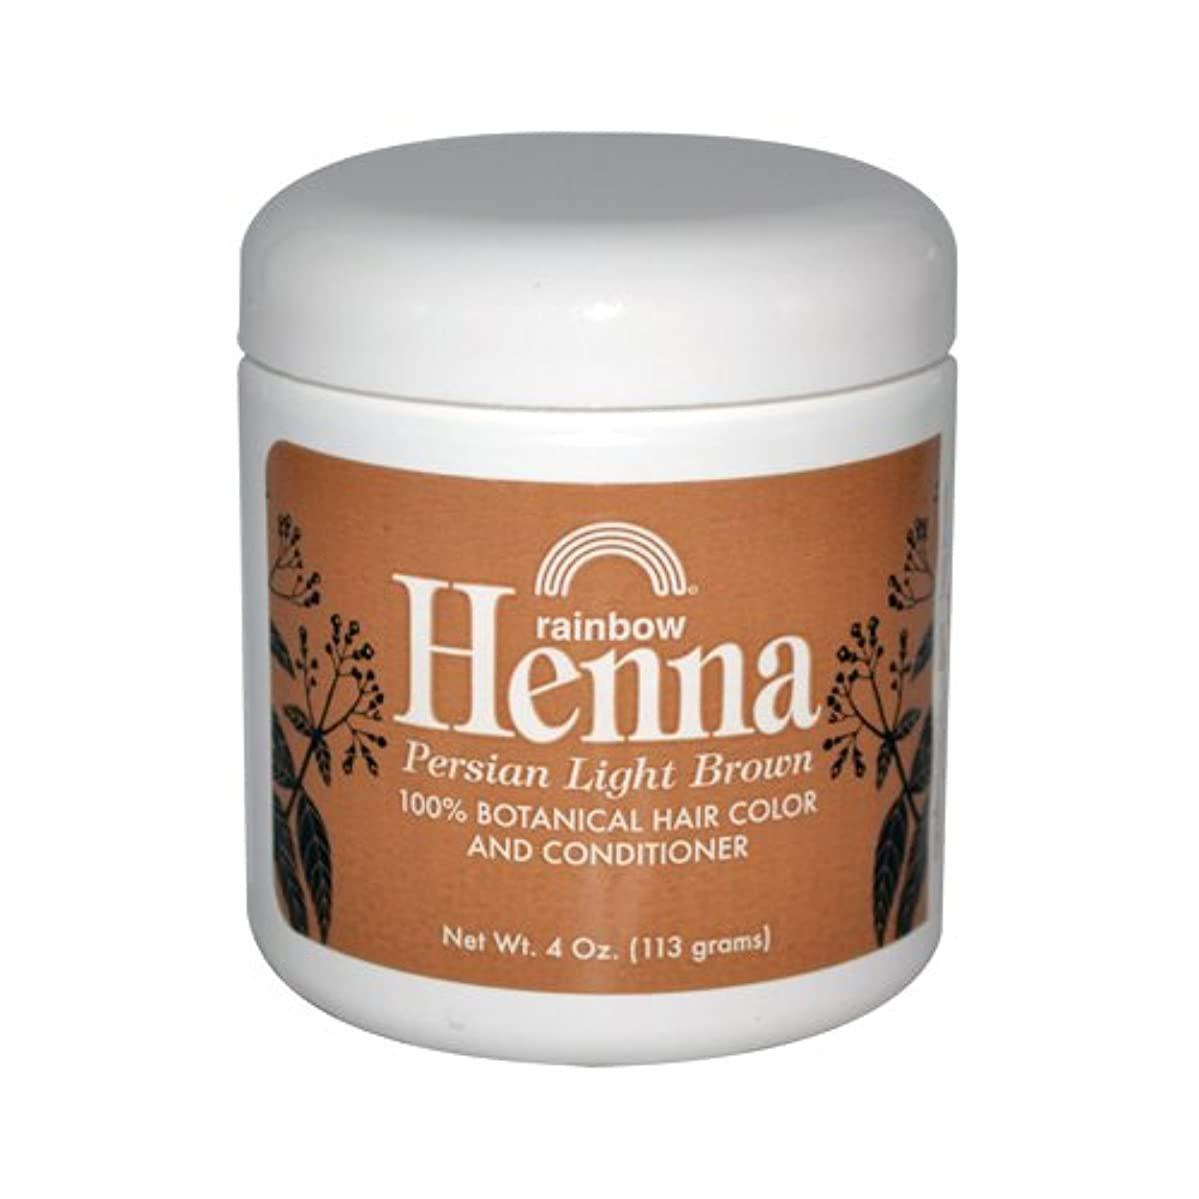 柔らかさスポーツプロットRainbow Research Henna Persian Light Brown Hair Color and Conditioner Organic 113 g (並行輸入品)